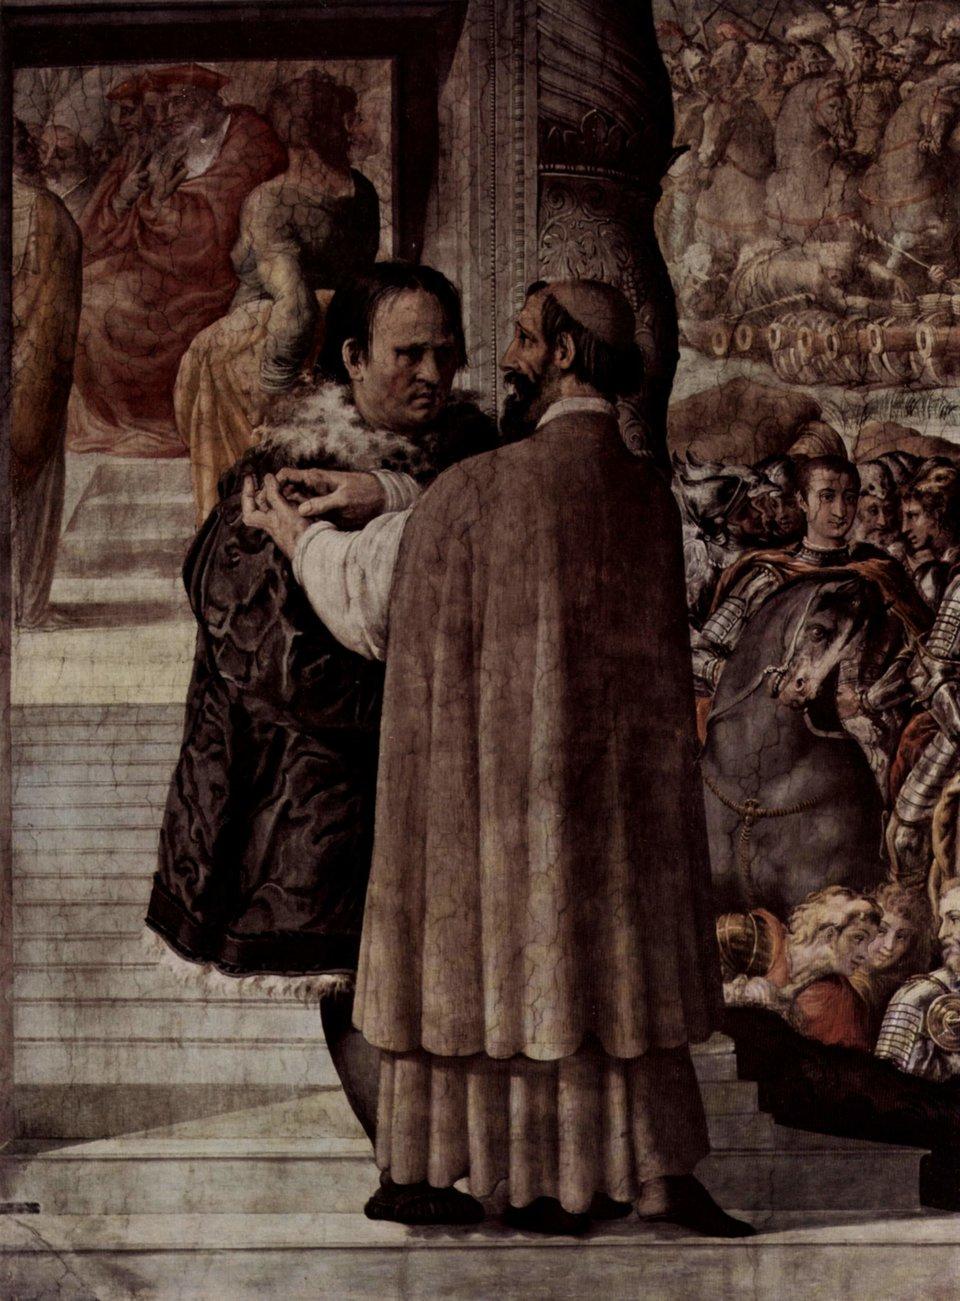 """Kardynał Kejetan – fresk wsłynnym renesansowym """"Palazzo Farnese"""". Kardynał dyskutuje zMarcinem Lutrem Źródło: Francesco de' Rossi, Kardynał Kejetan – fresk wsłynnym renesansowym """"Palazzo Farnese"""". Kardynał dyskutuje zMarcinem Lutrem, ok. 1550-1560, fresk, Palazzo Farnese, Roma, domena publiczna."""